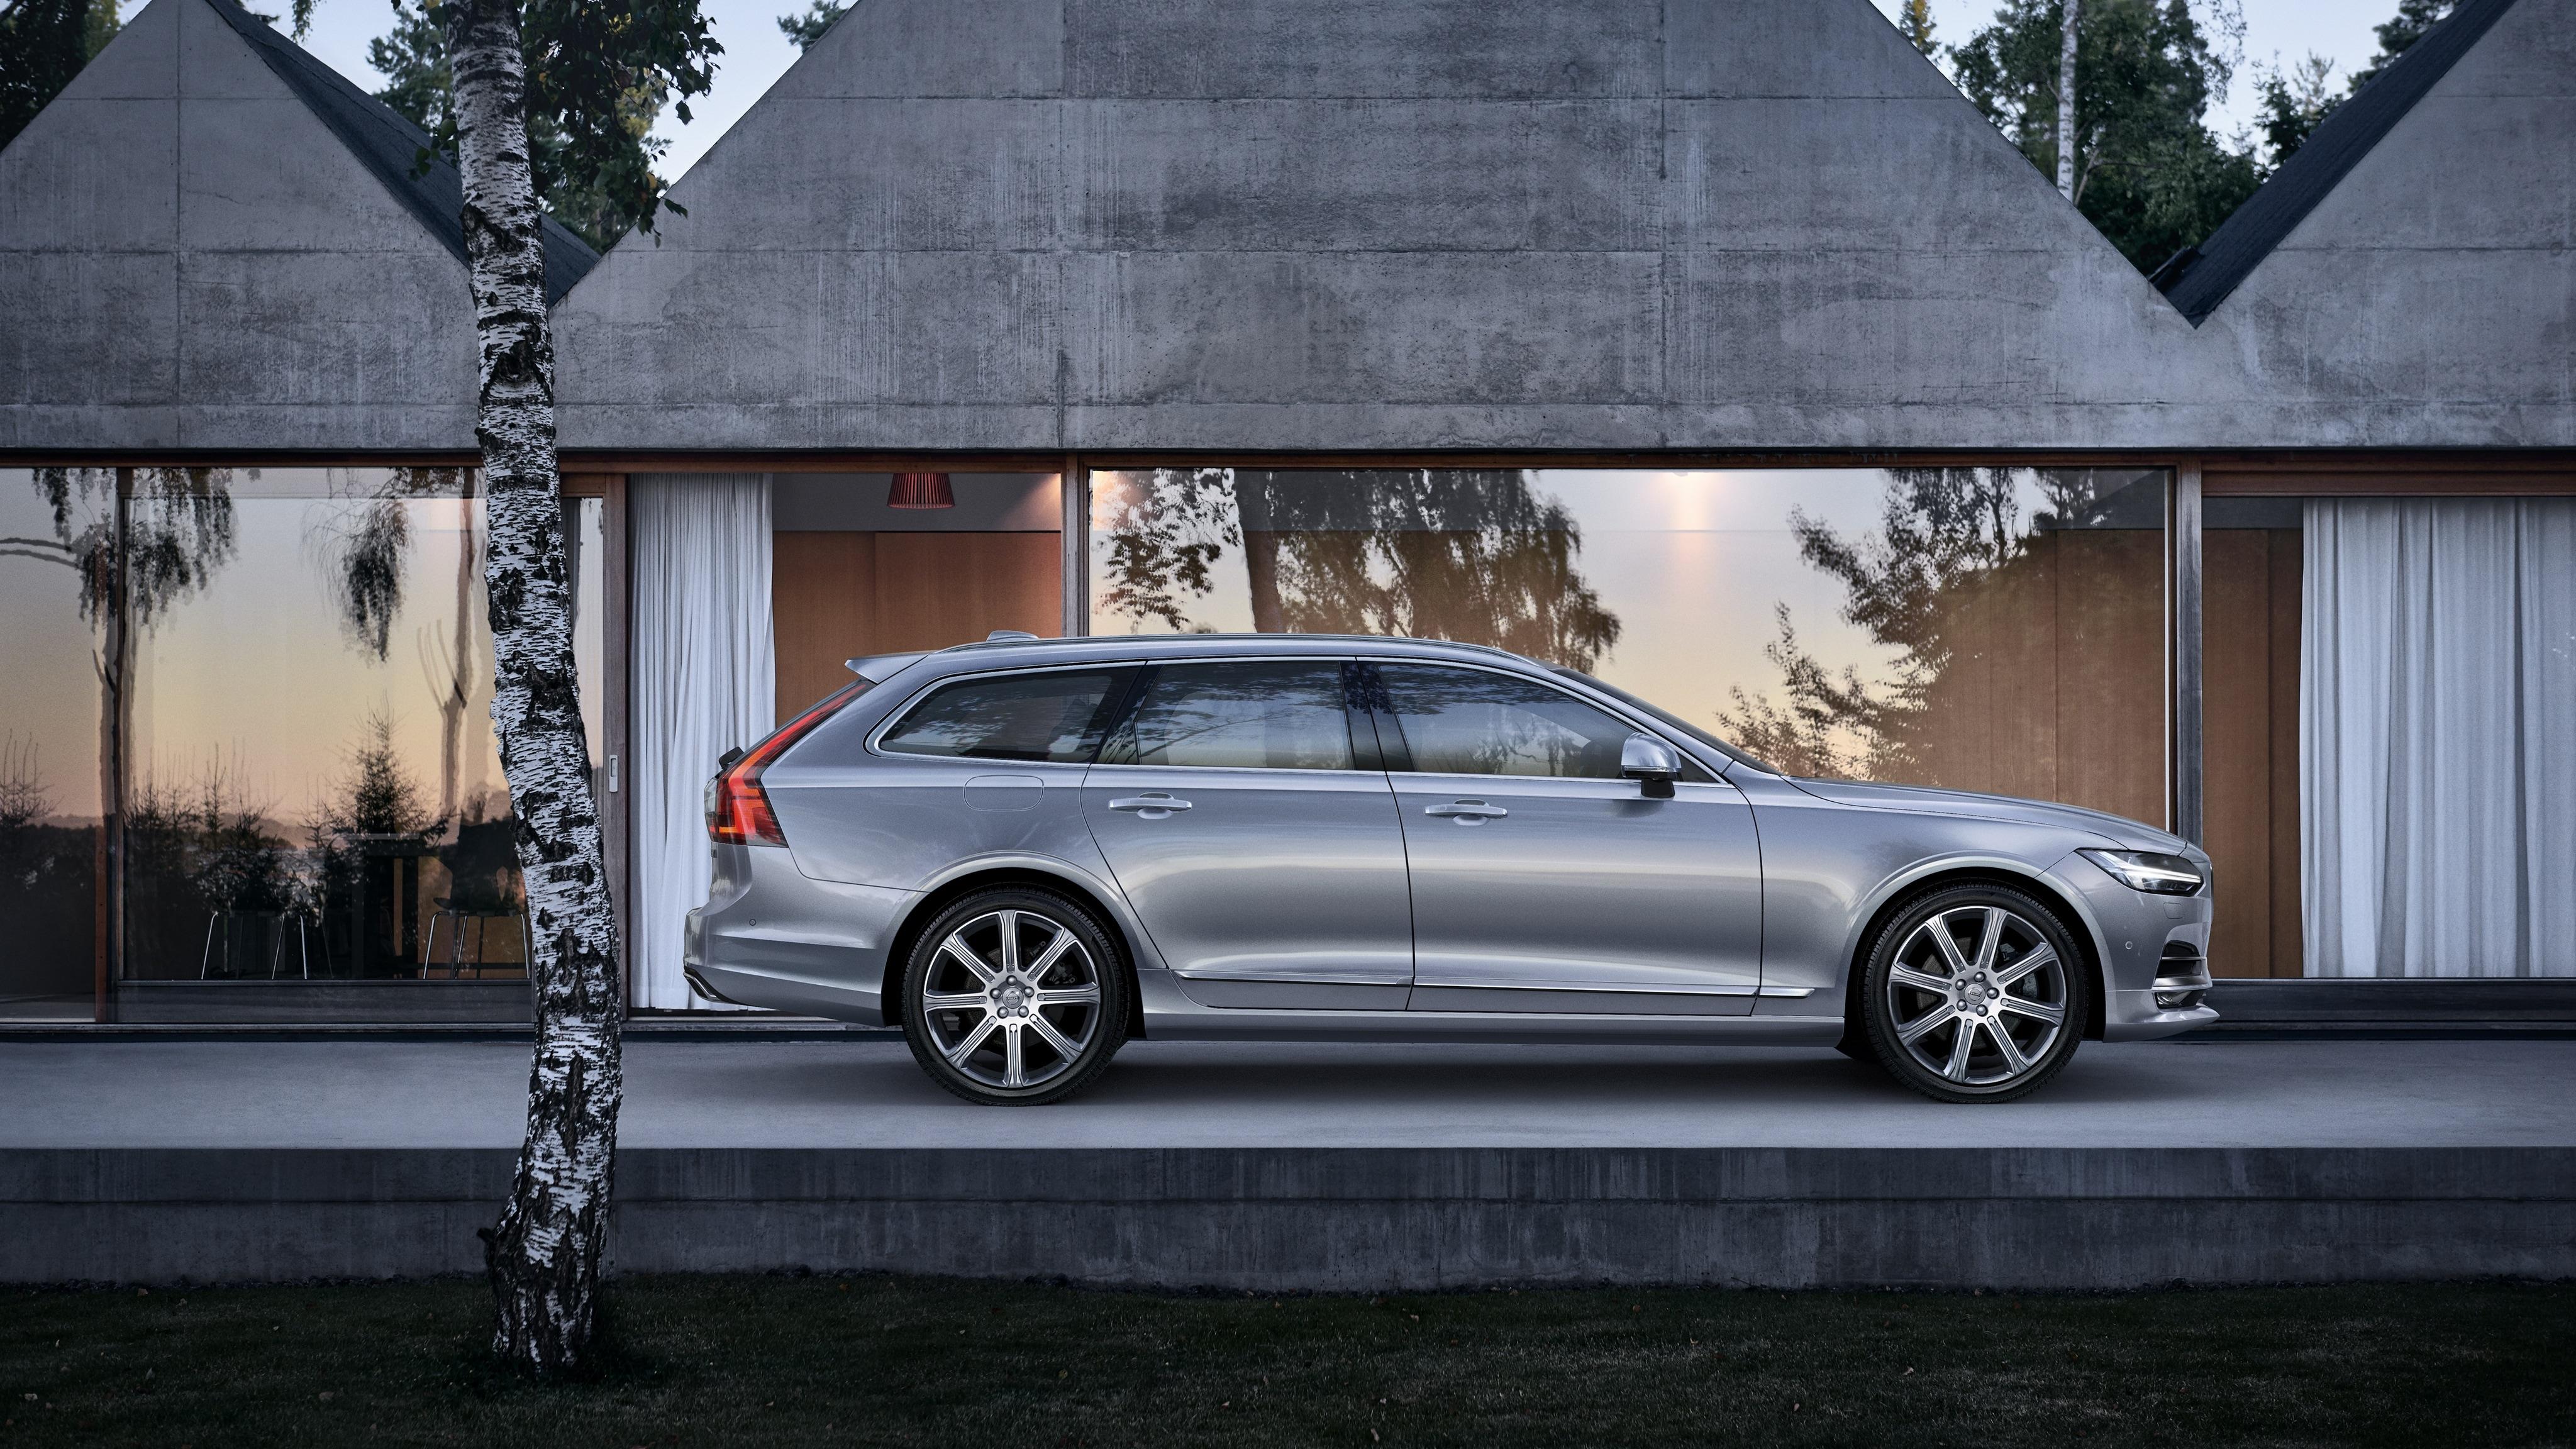 la volvo v90 break – le luxe suédois | belgique | volvo cars